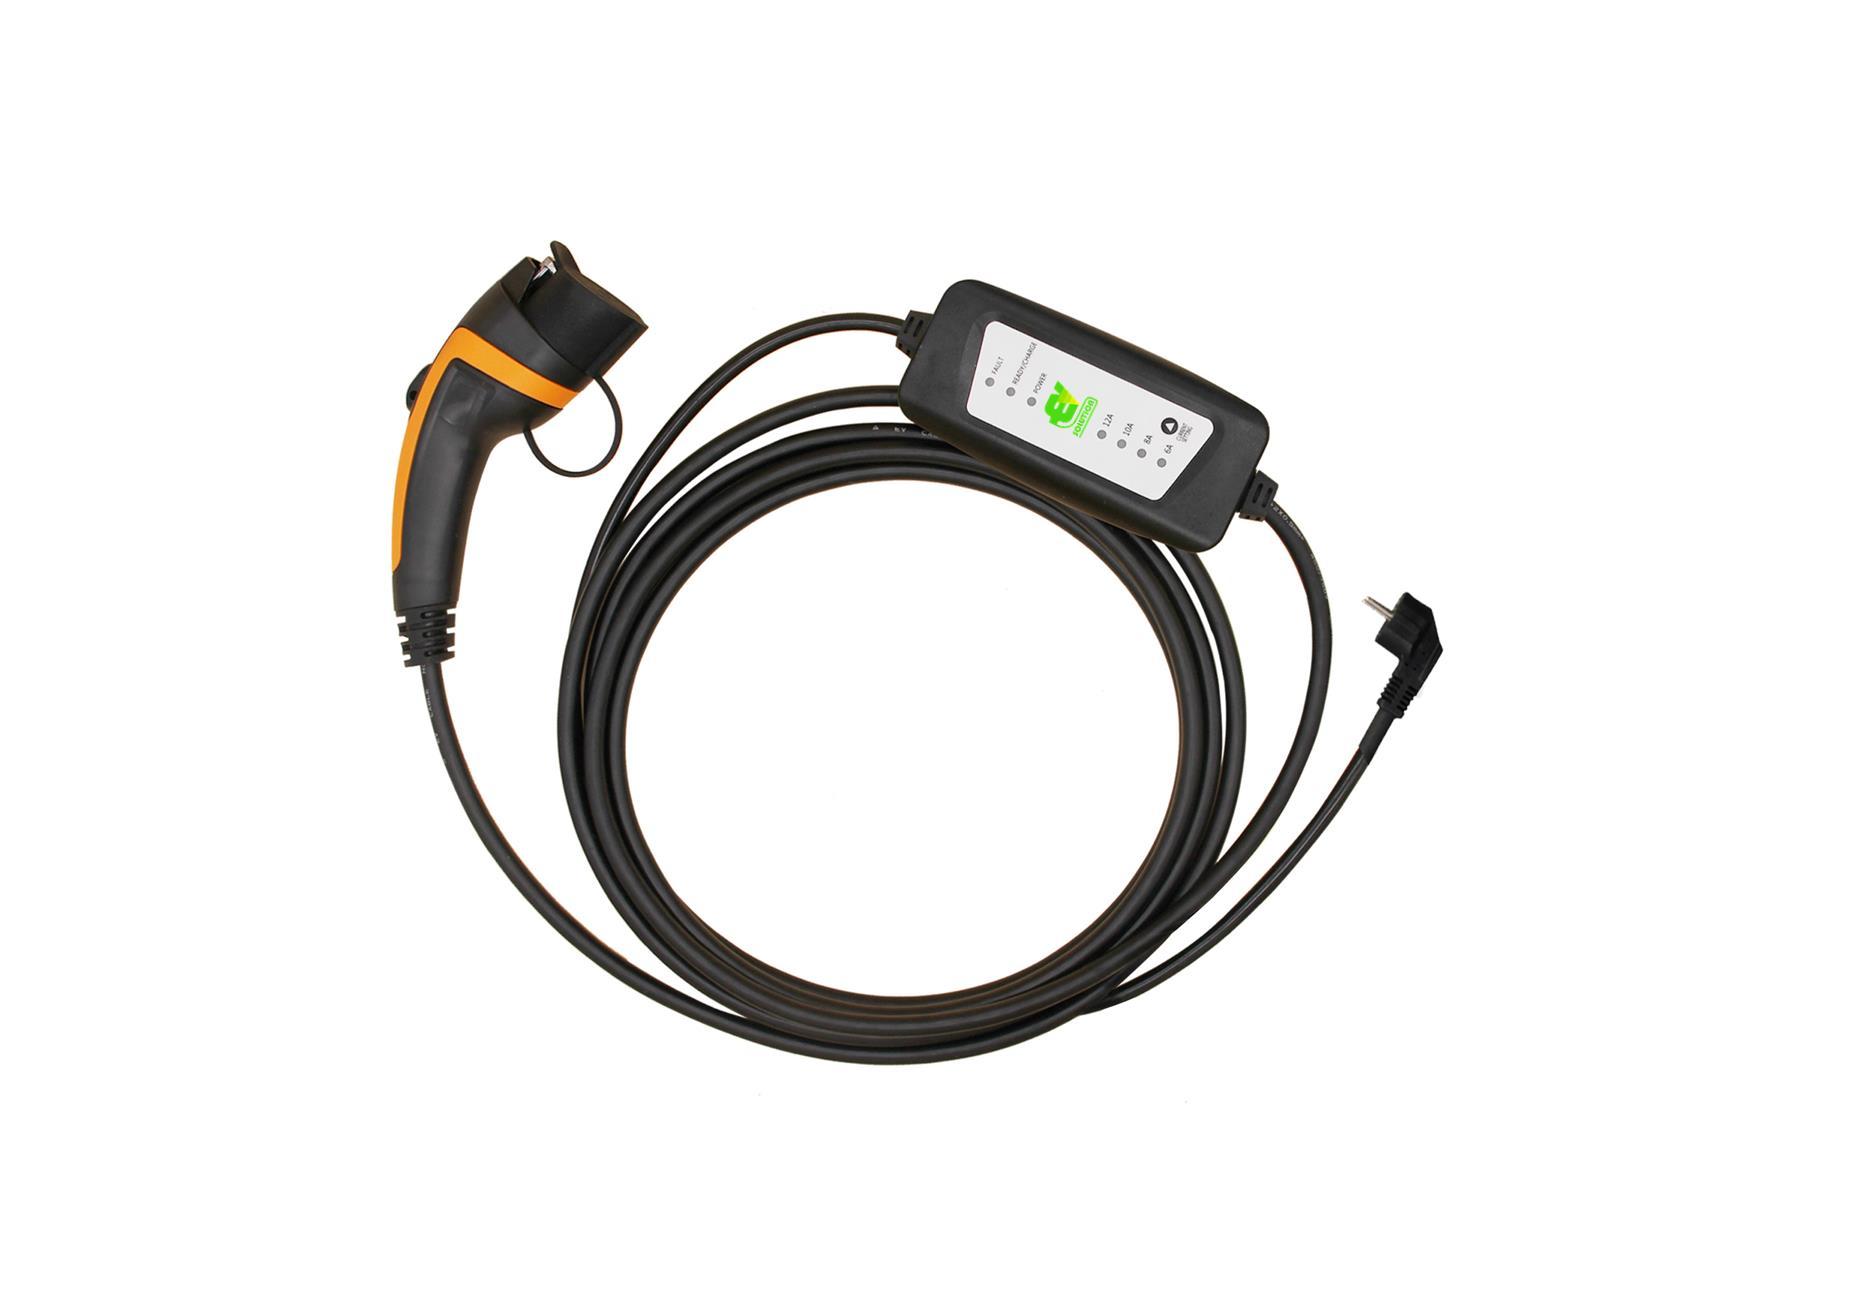 Laddkabel med justerbar laddström typ 1 6A till 16A ladda elbilen typ 1 normalladdning hemmaladdning ladda hemma elbil EV Solution AB